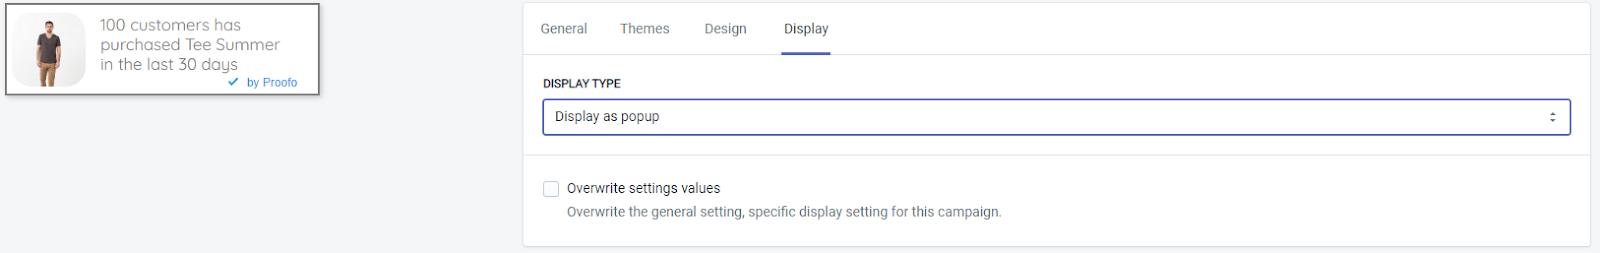 Display as popup